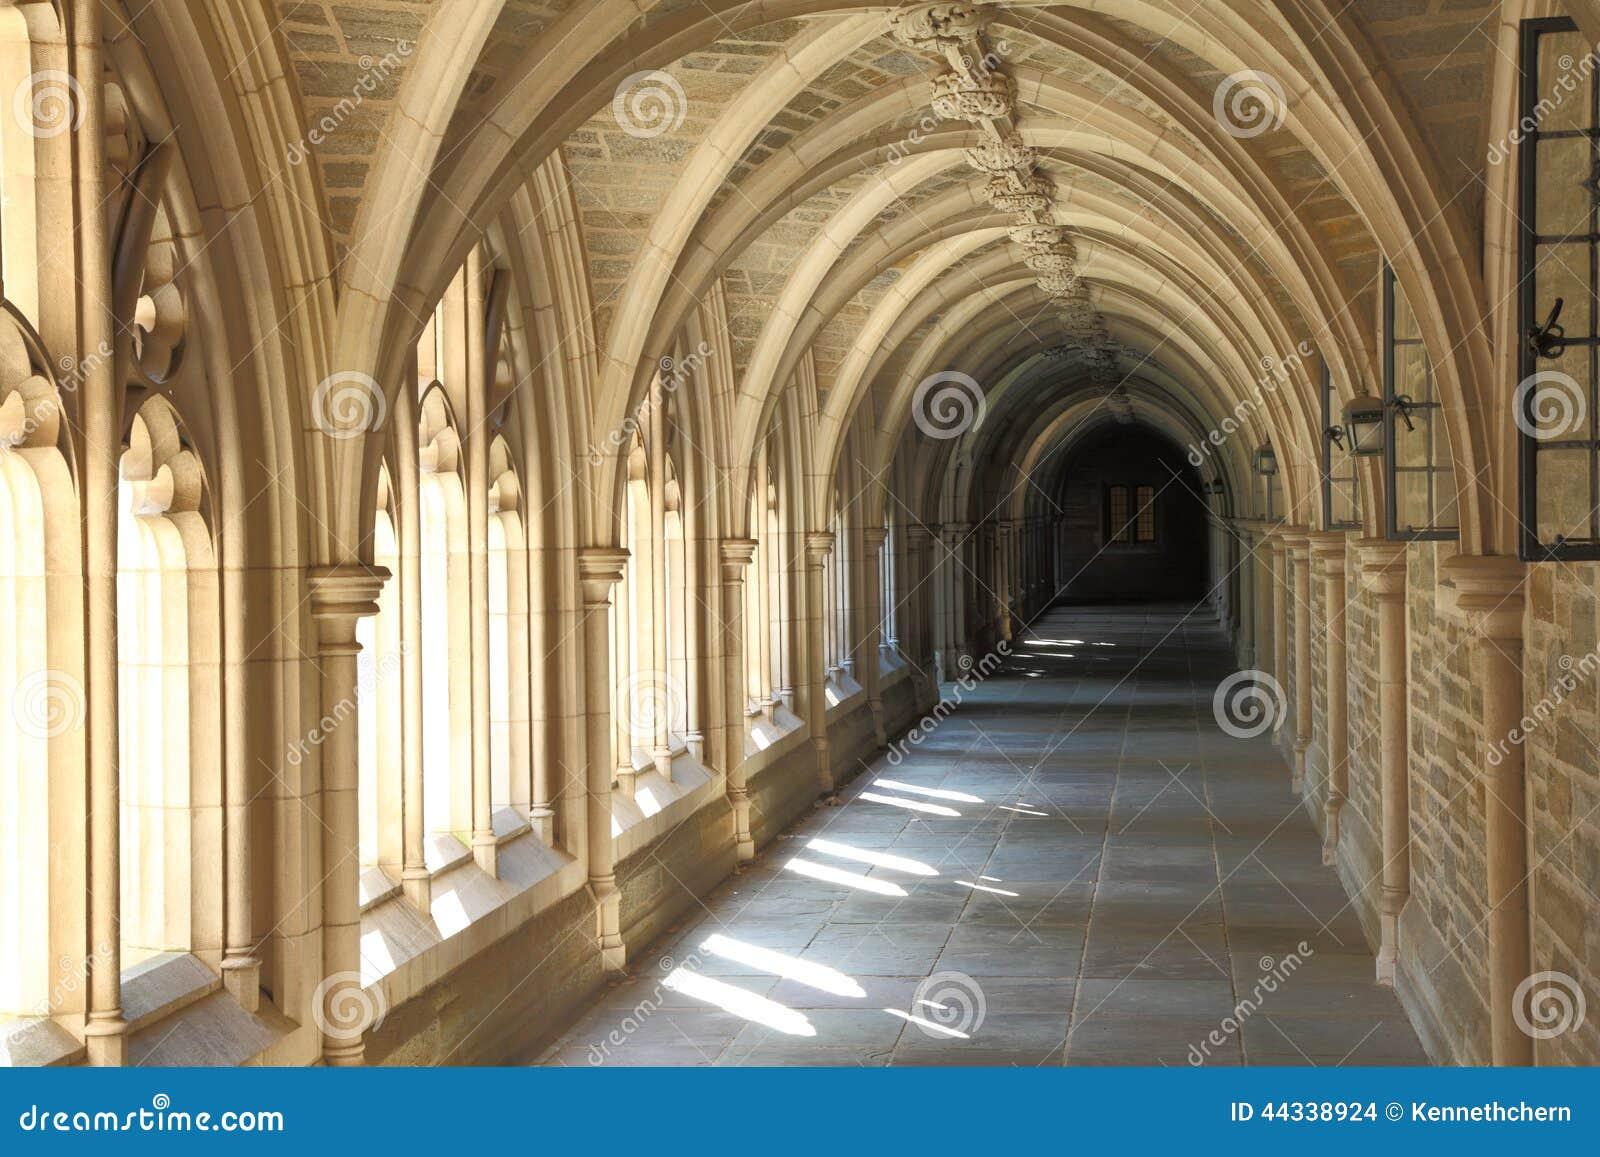 Bon Architecture Detail In Princeton University. Famous, Grad.